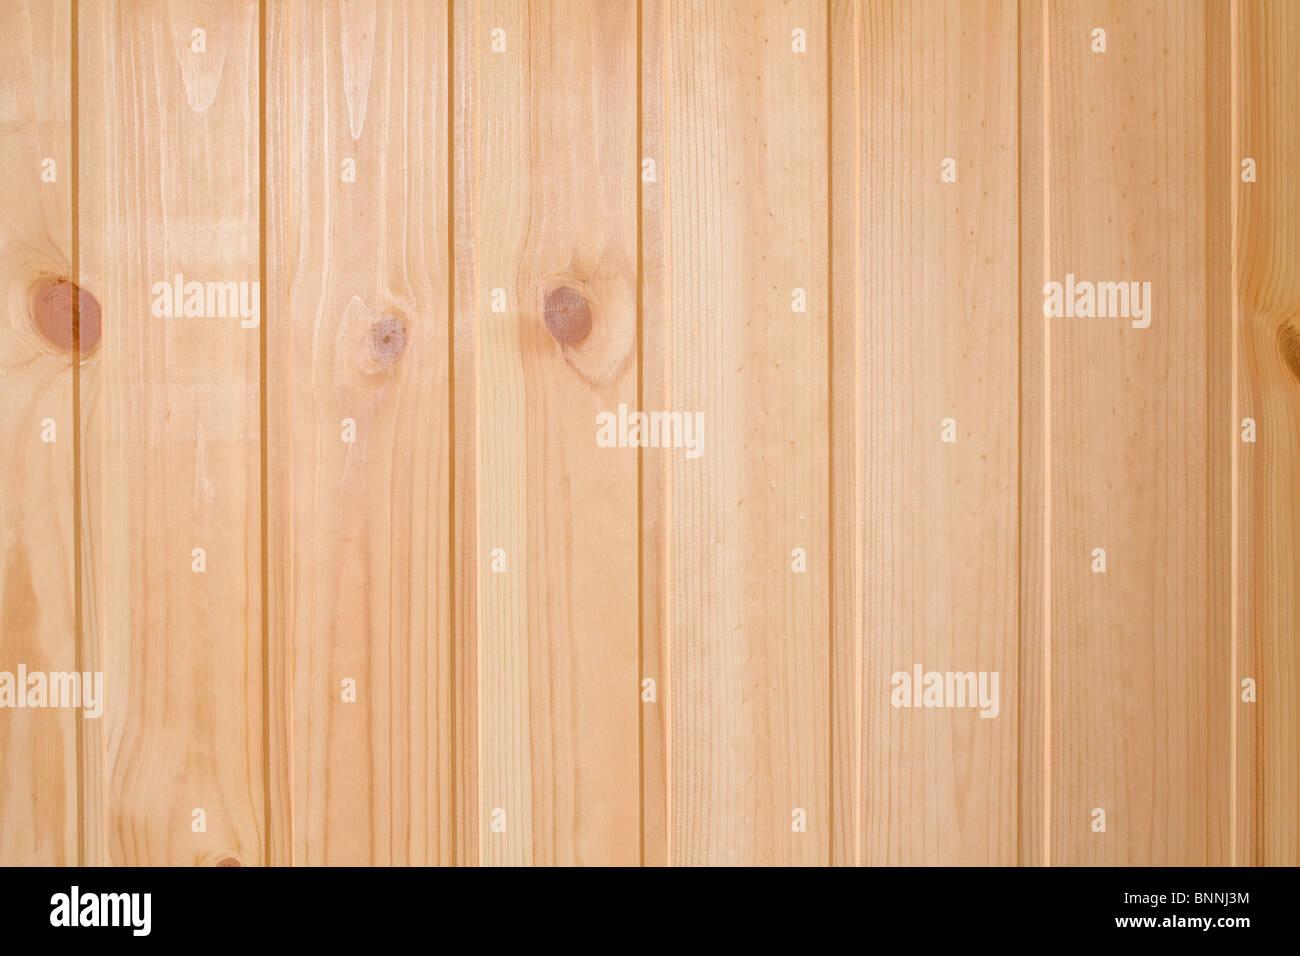 Decorazioni luminose pannelli rivestiti con vernice trasparente Immagini Stock